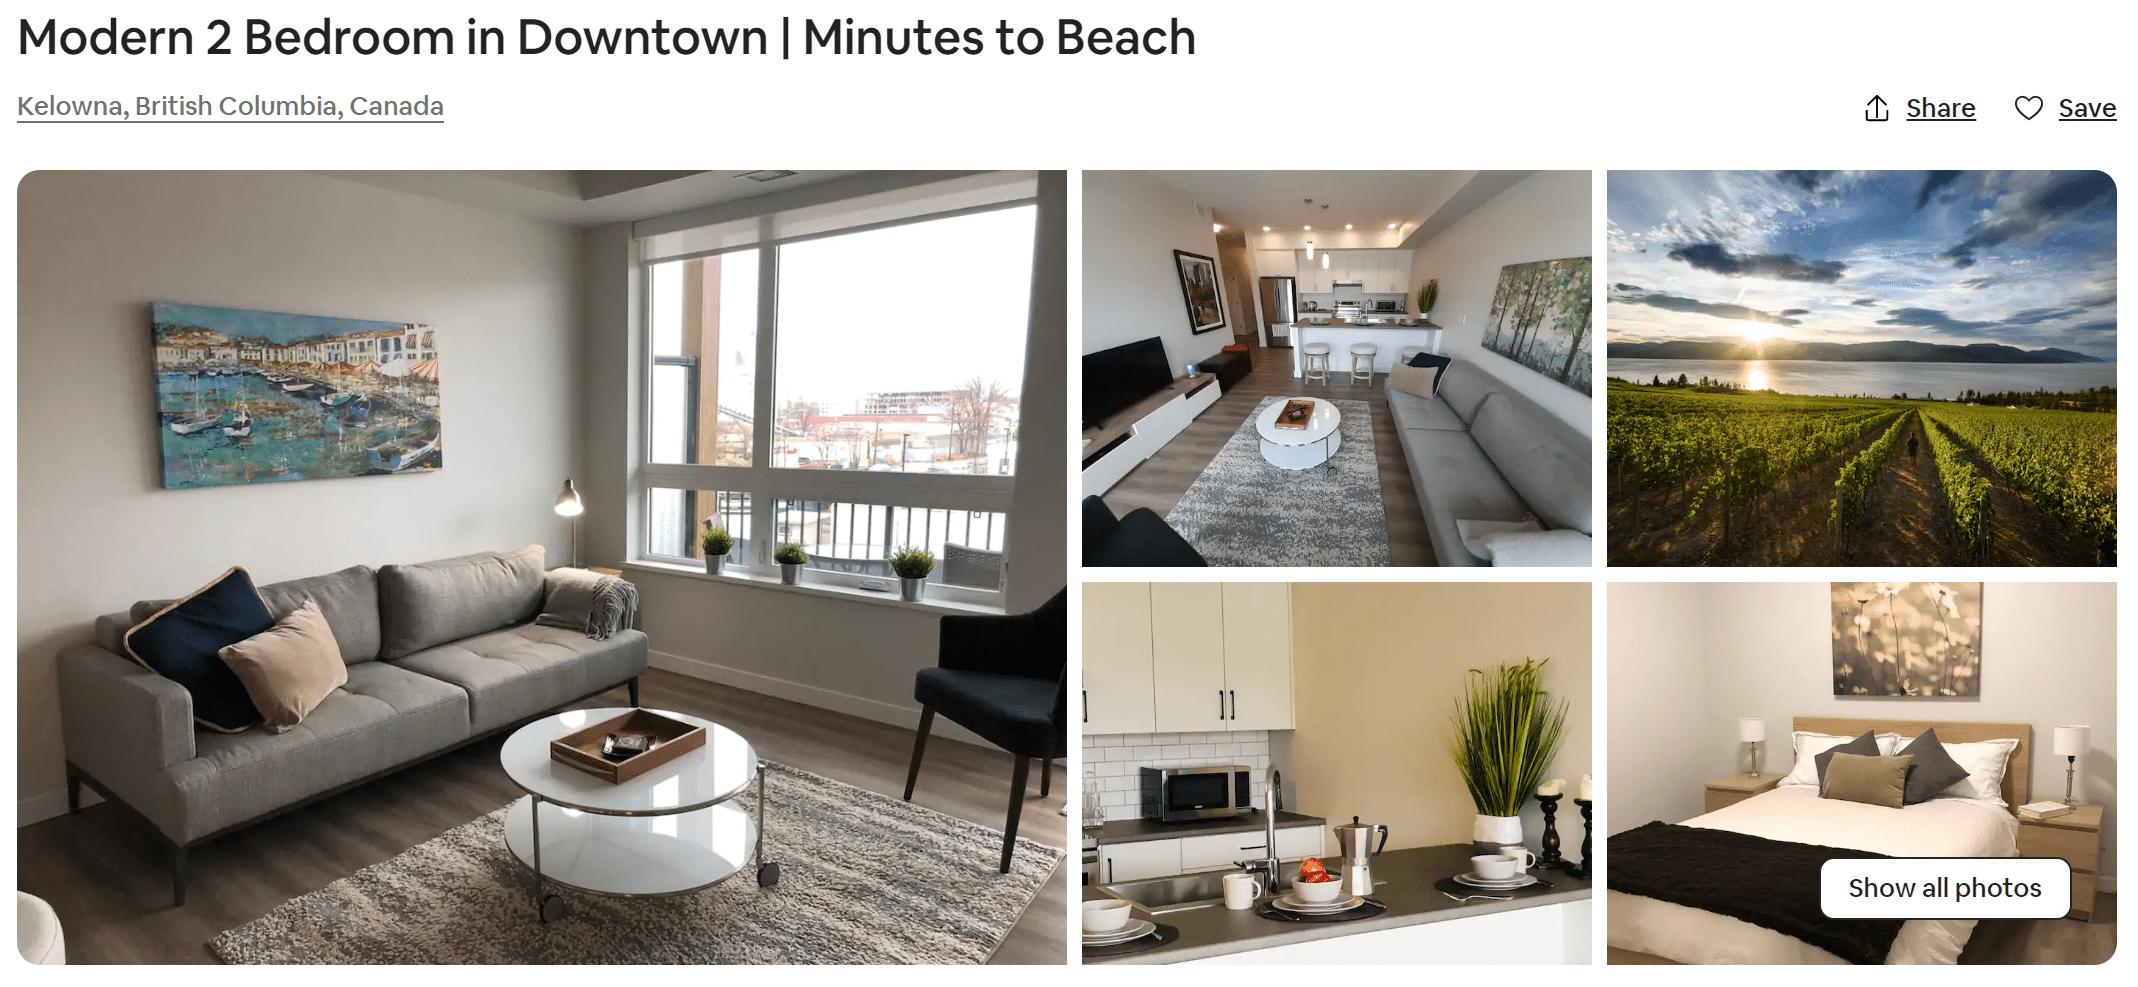 Kelowna Airbnb Photo Gallery